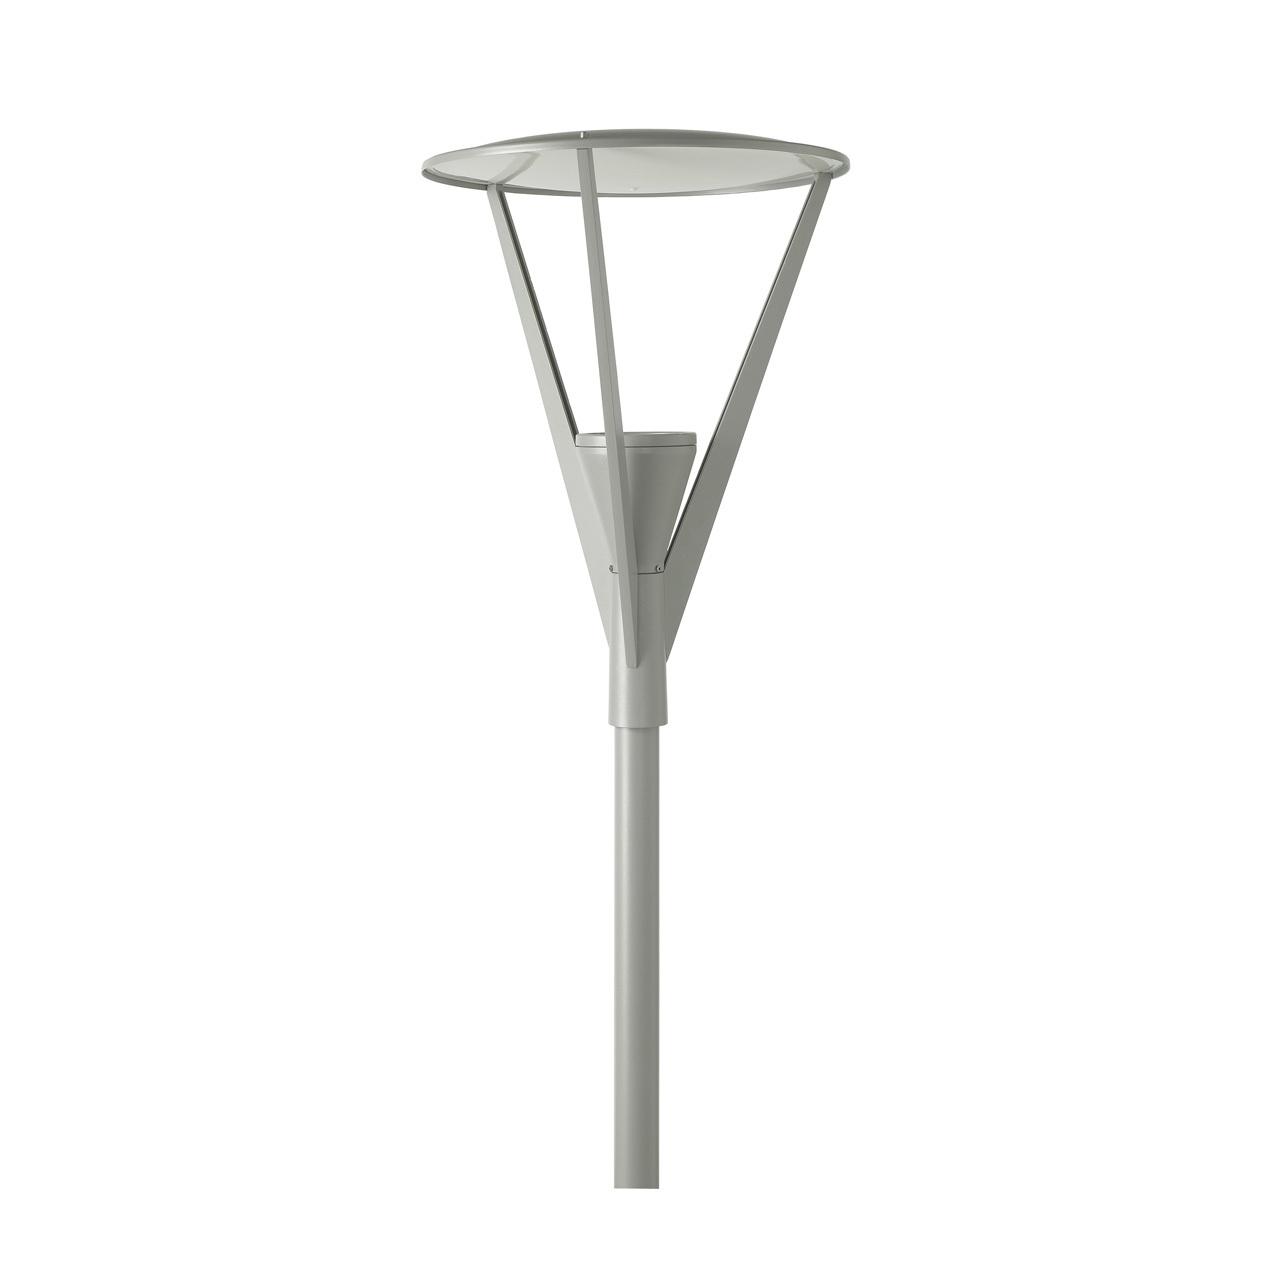 Lampa na słup NICE 777AL -Norlys  SPRAWDŹ RABATY  5-10-15-20 % w koszyku